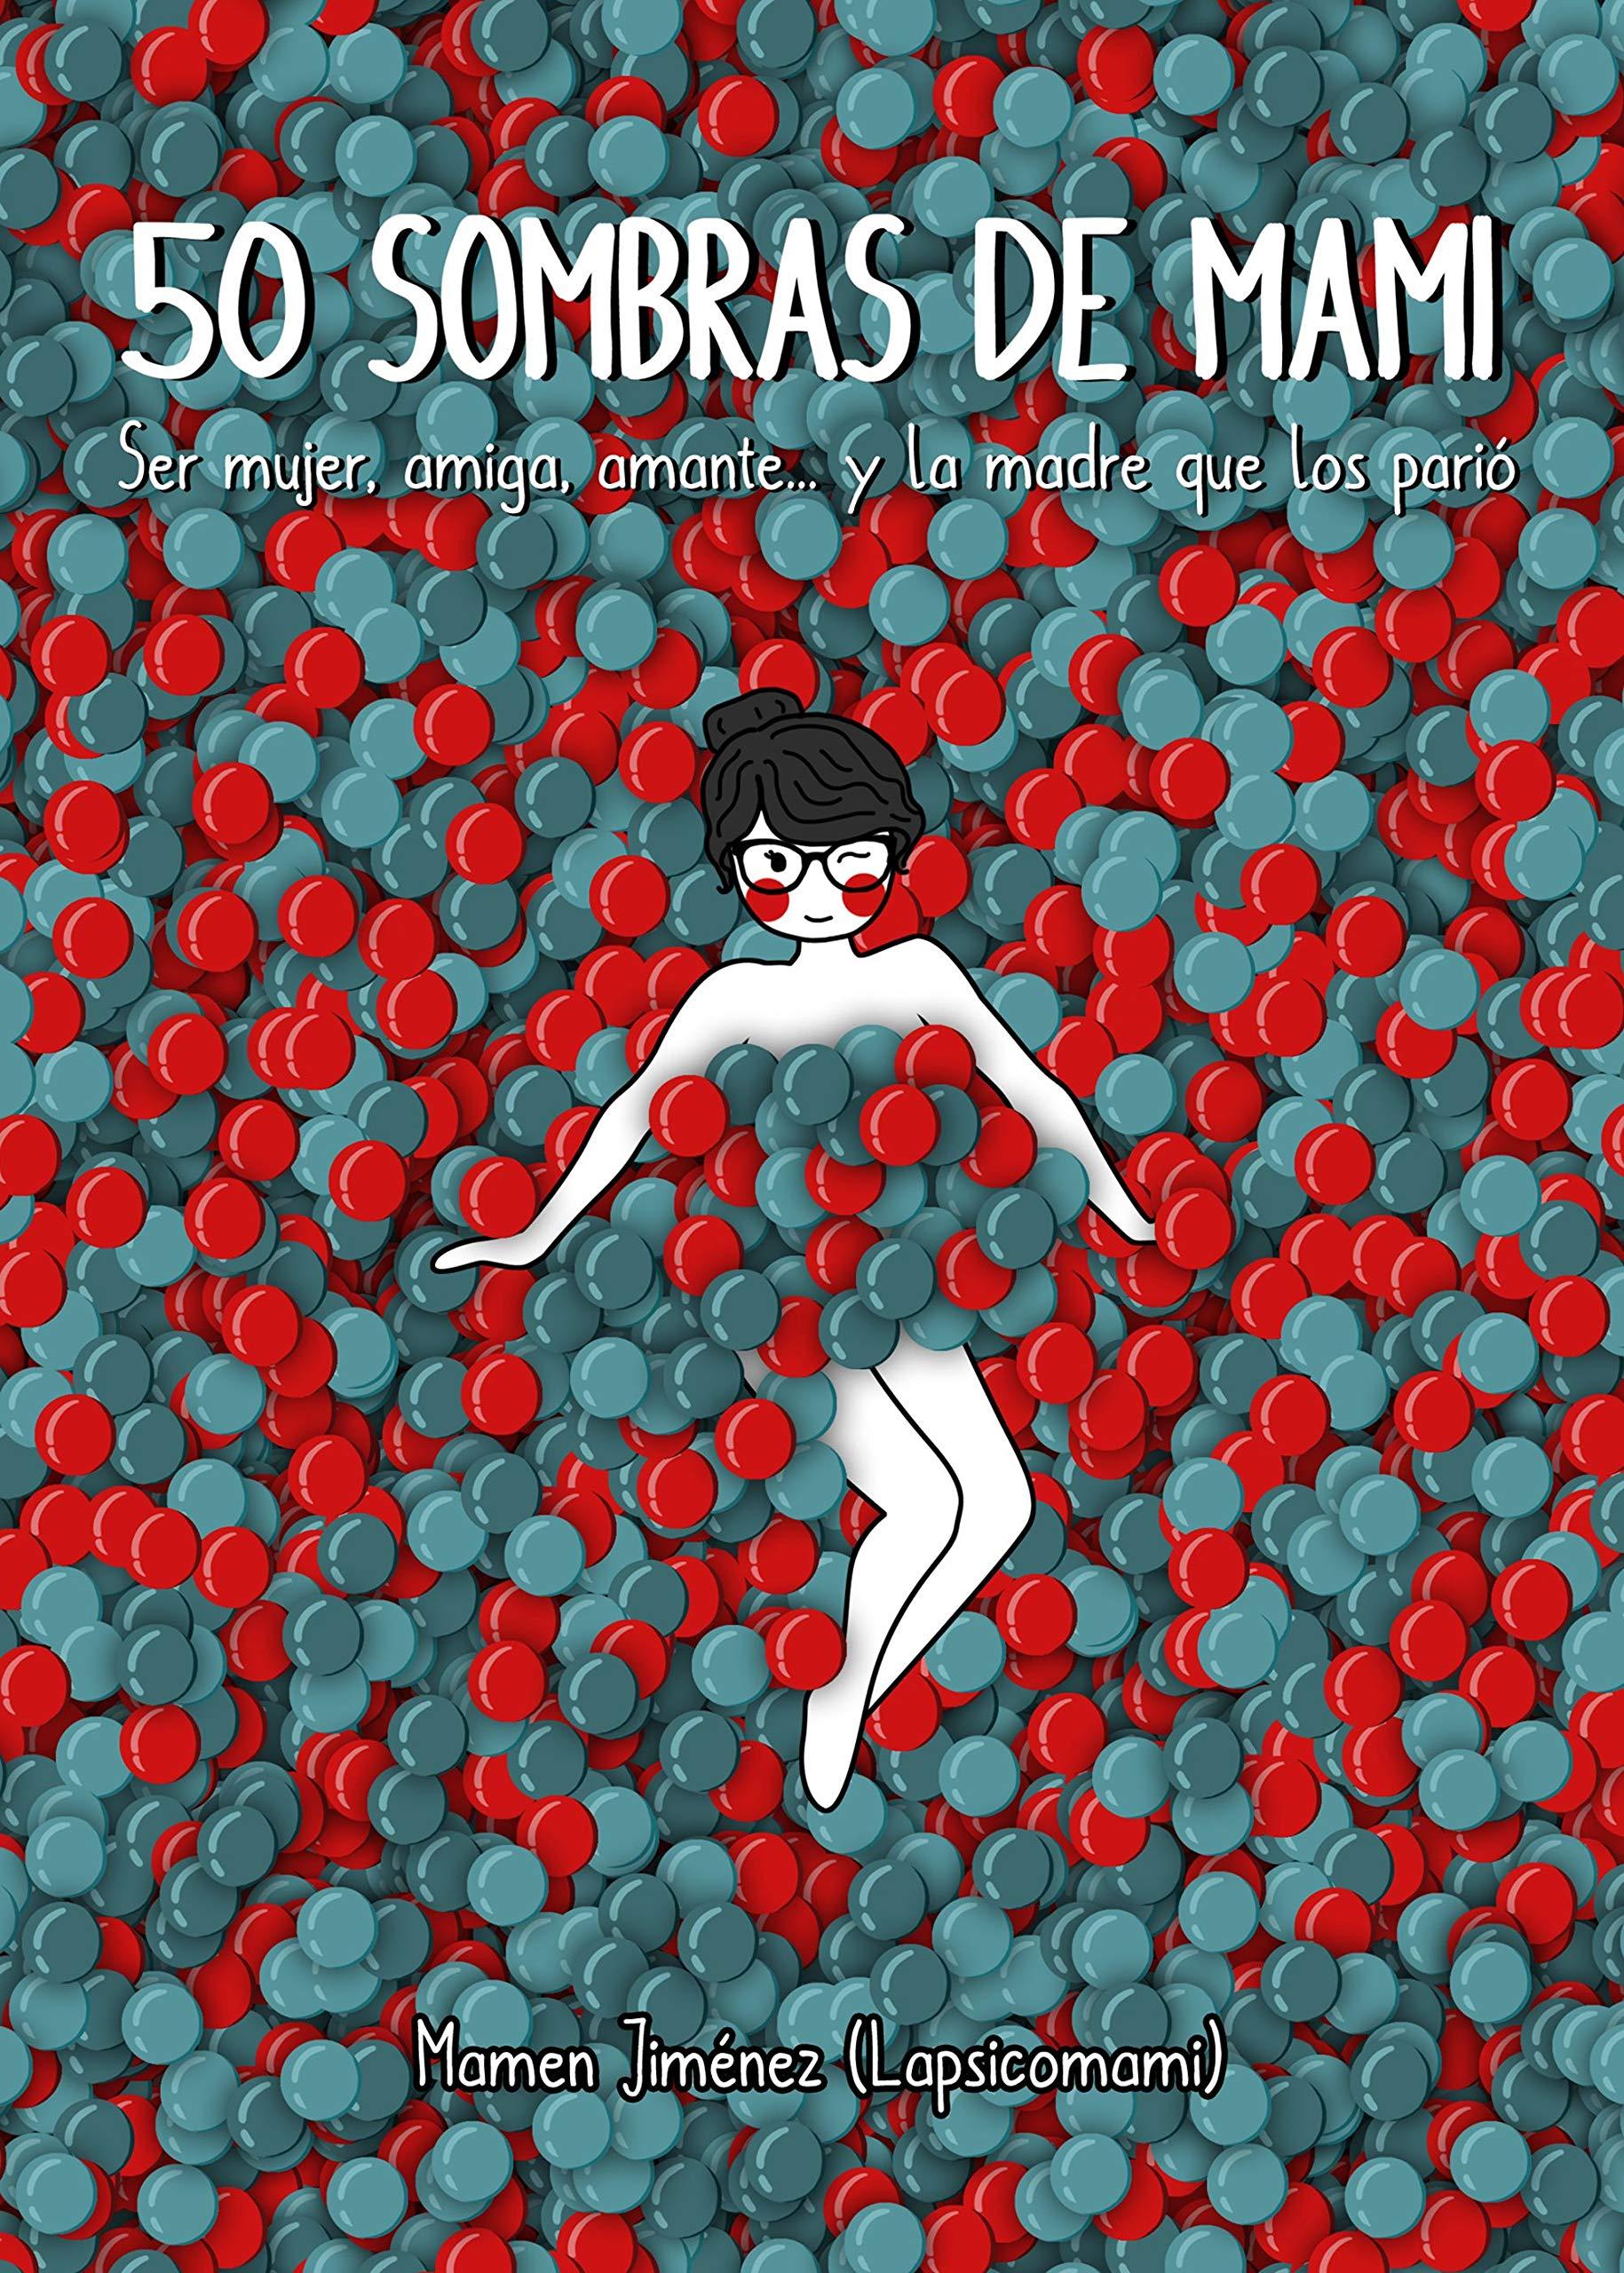 50 SOMBRAS DE MAMI: SER MUJER, AMIGA, AMANTE. Y LA MADRE QUE LOS PARIÓ (TAPA DURA)  Autor/Autora Mamen Jiménez y Lapsicomami  Editorial LUNWERG